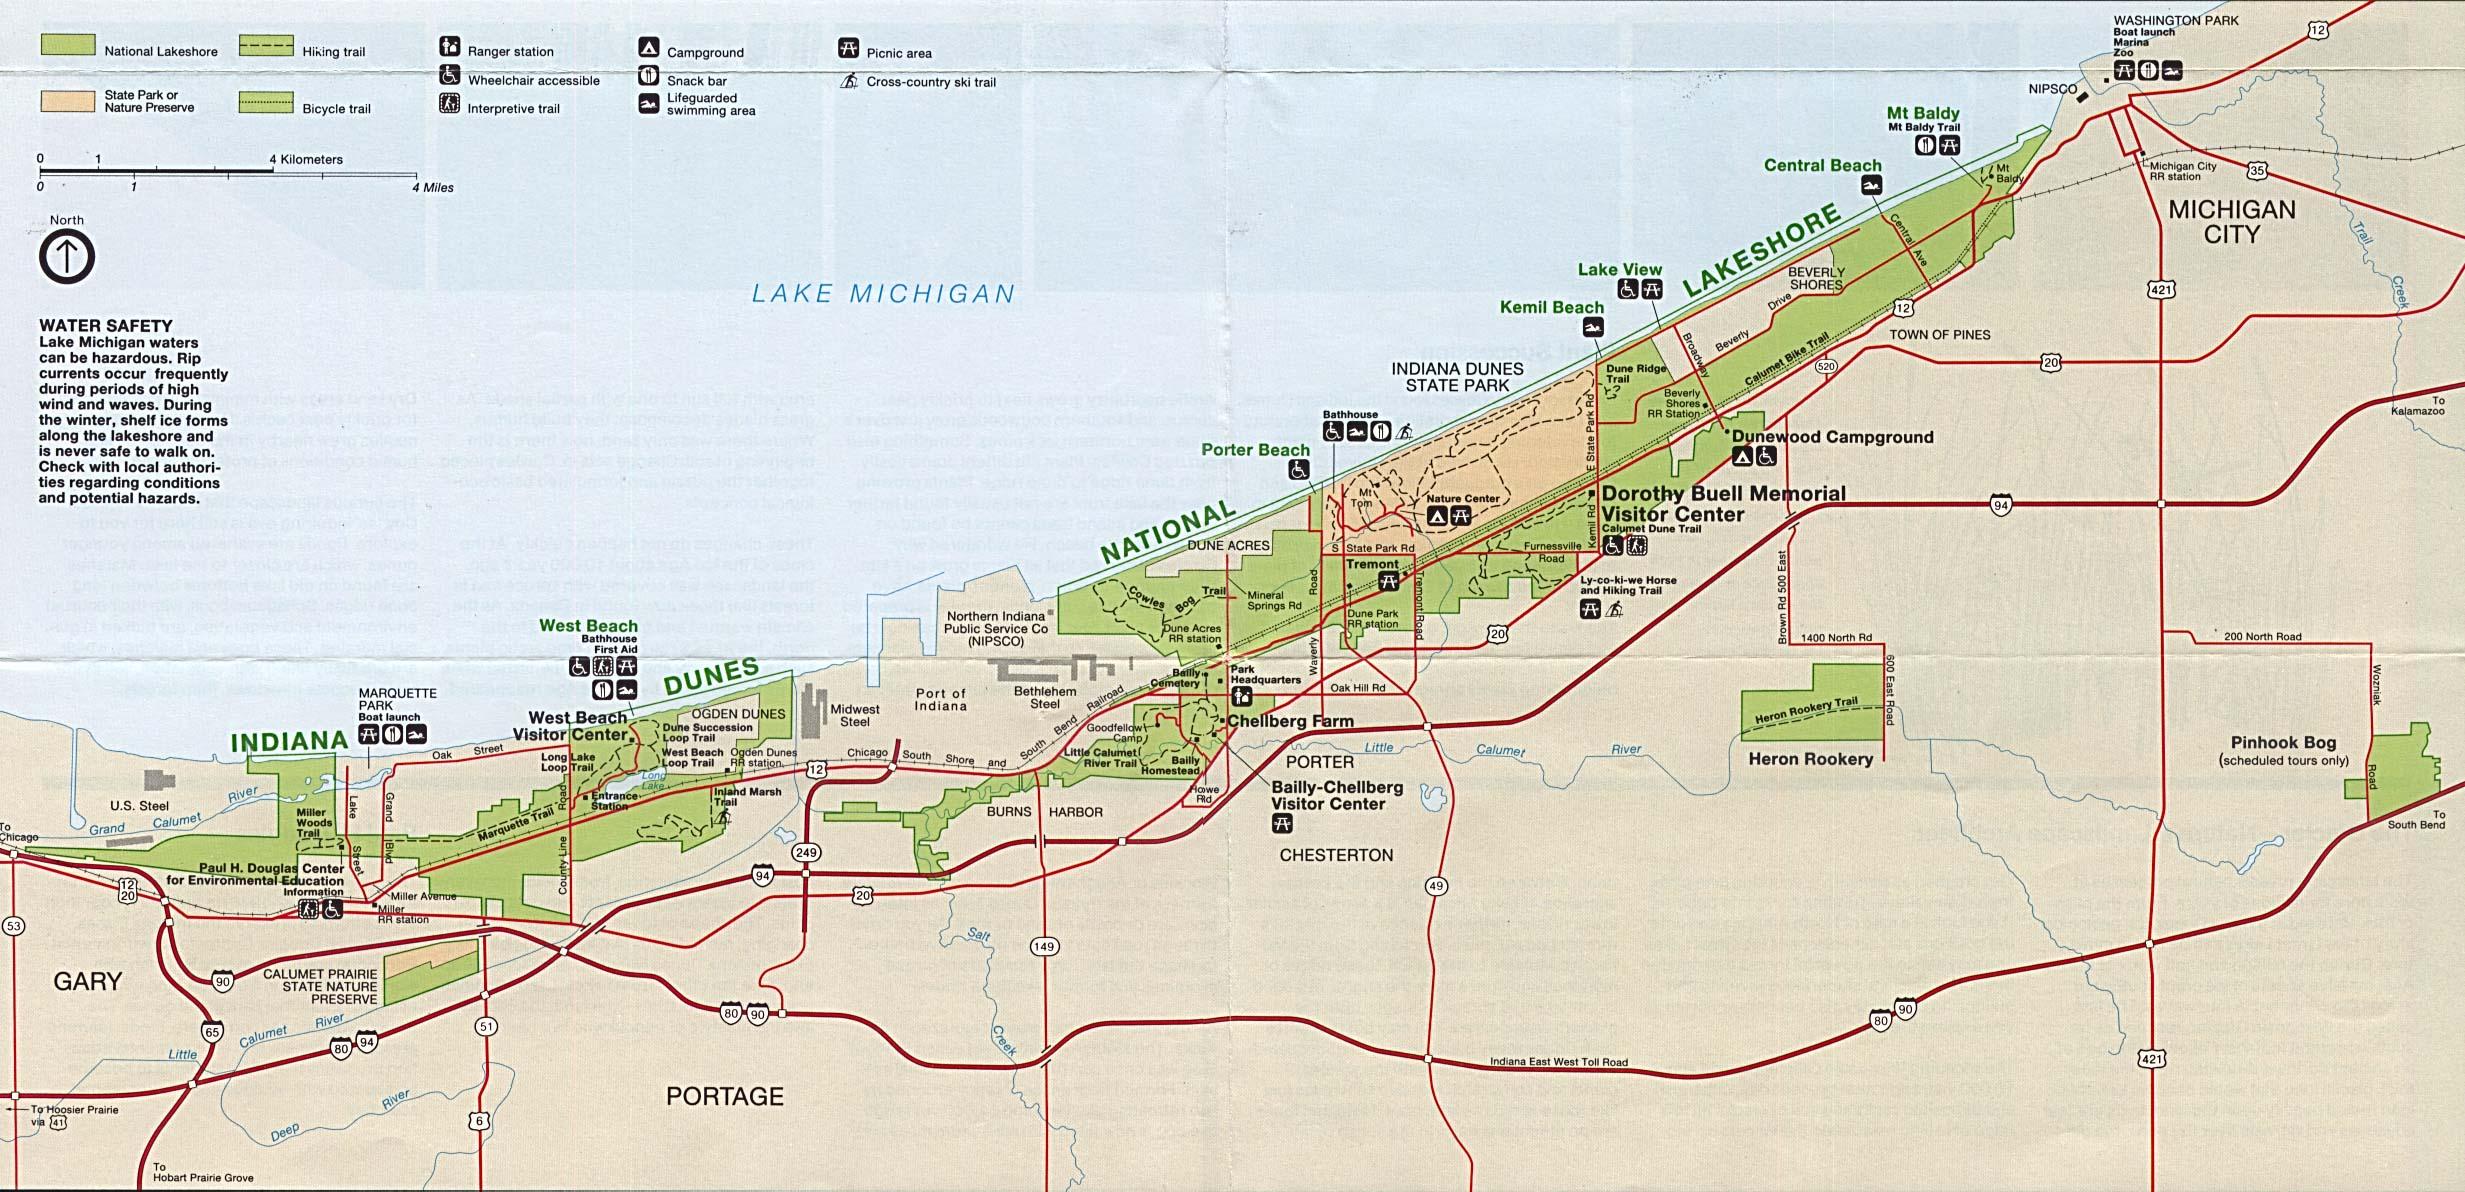 Indiana Dunes National Lakeshore Park Map, Indiana, United States